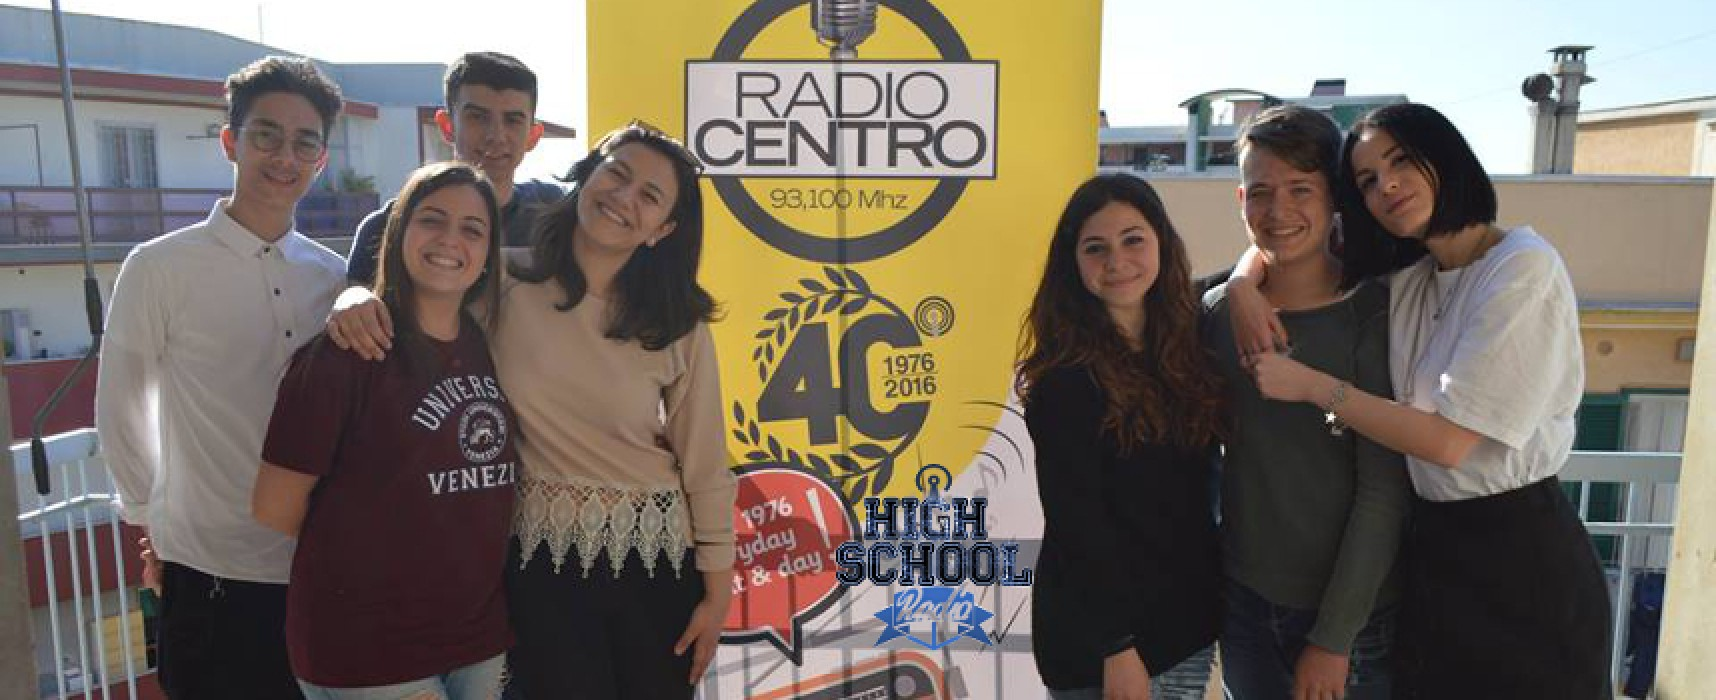 Il sindaco Francesco Spina ospite dei ragazzi dell'High School Radio su Radio Centro